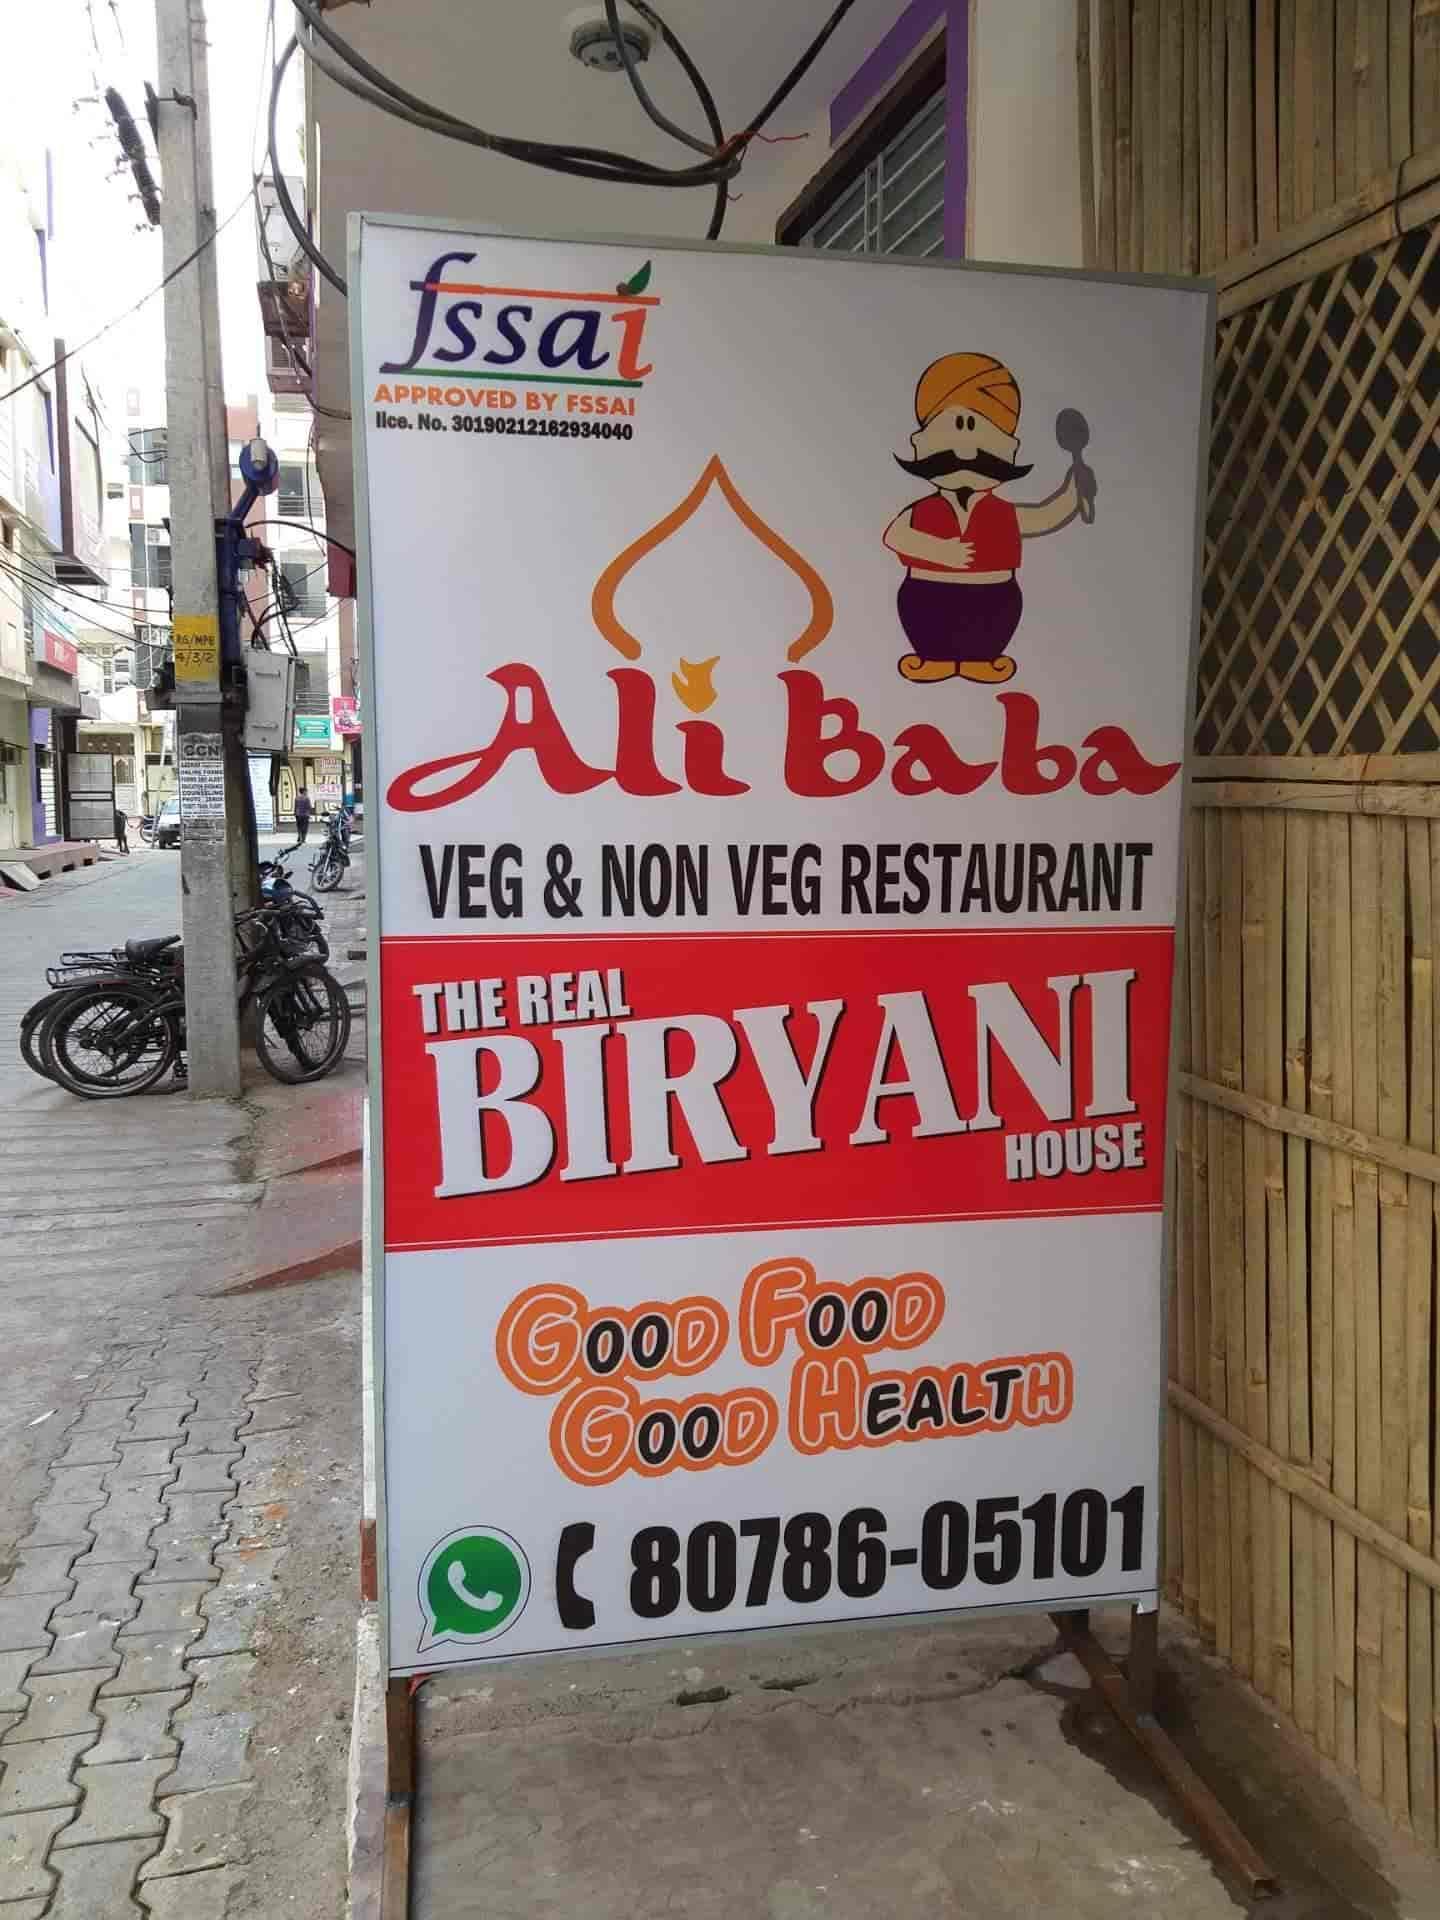 Ali Baba Veg & Non Veg Restaurant, Mahaveer Nagar, Kota